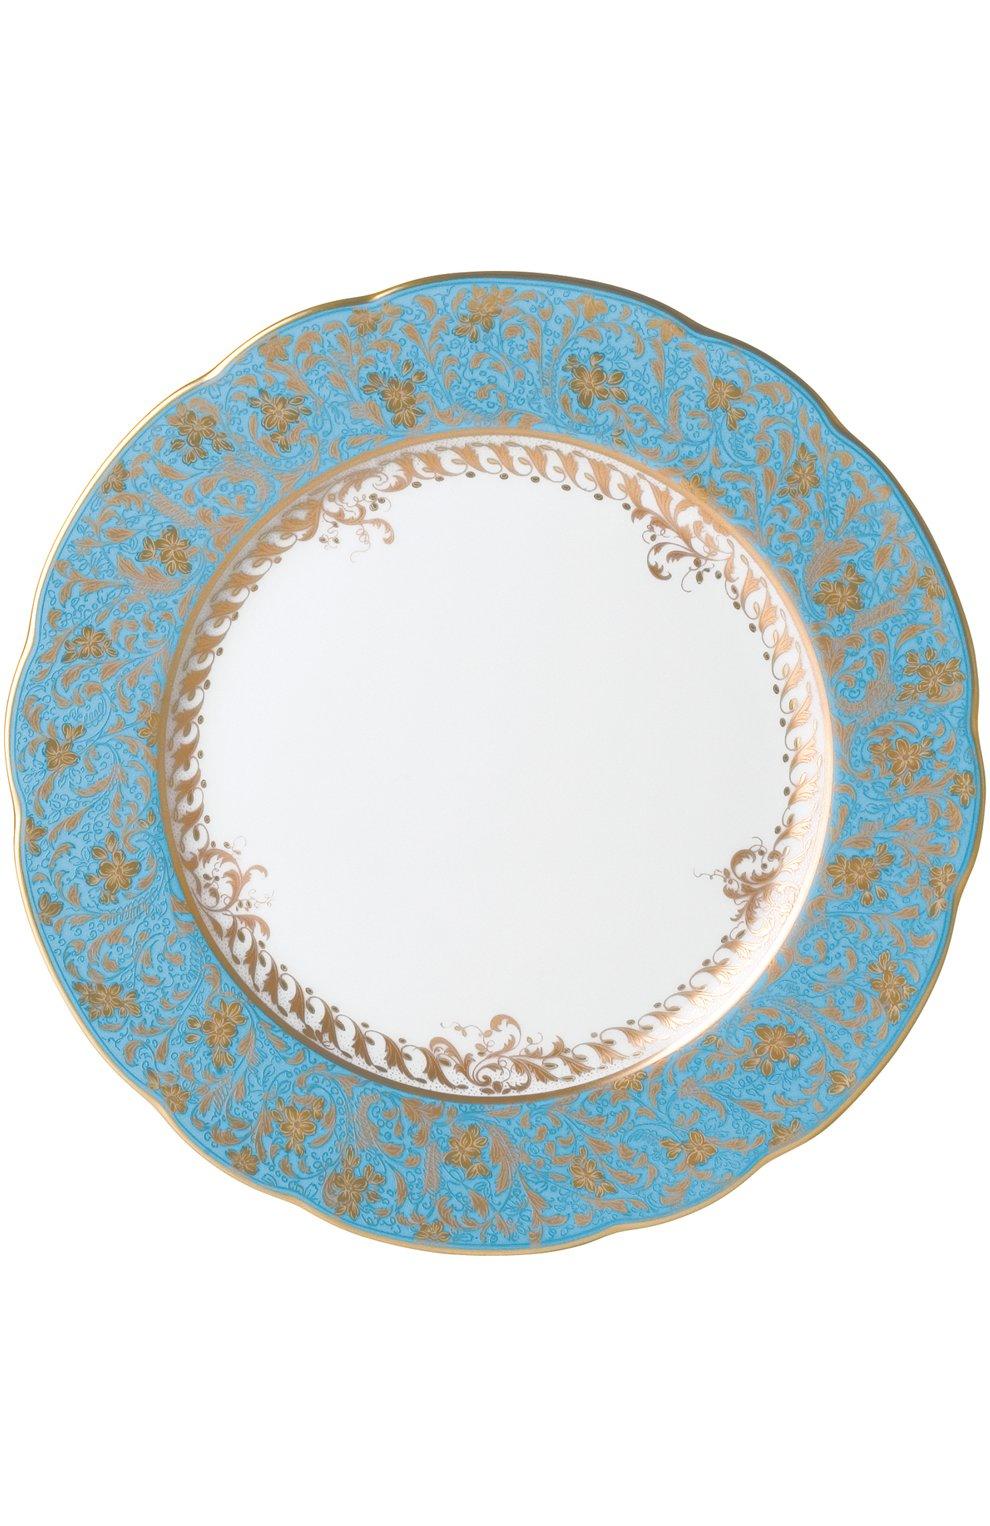 Тарелка для хлеба и масла Eden Turquoise Bernardaud  | Фото №1